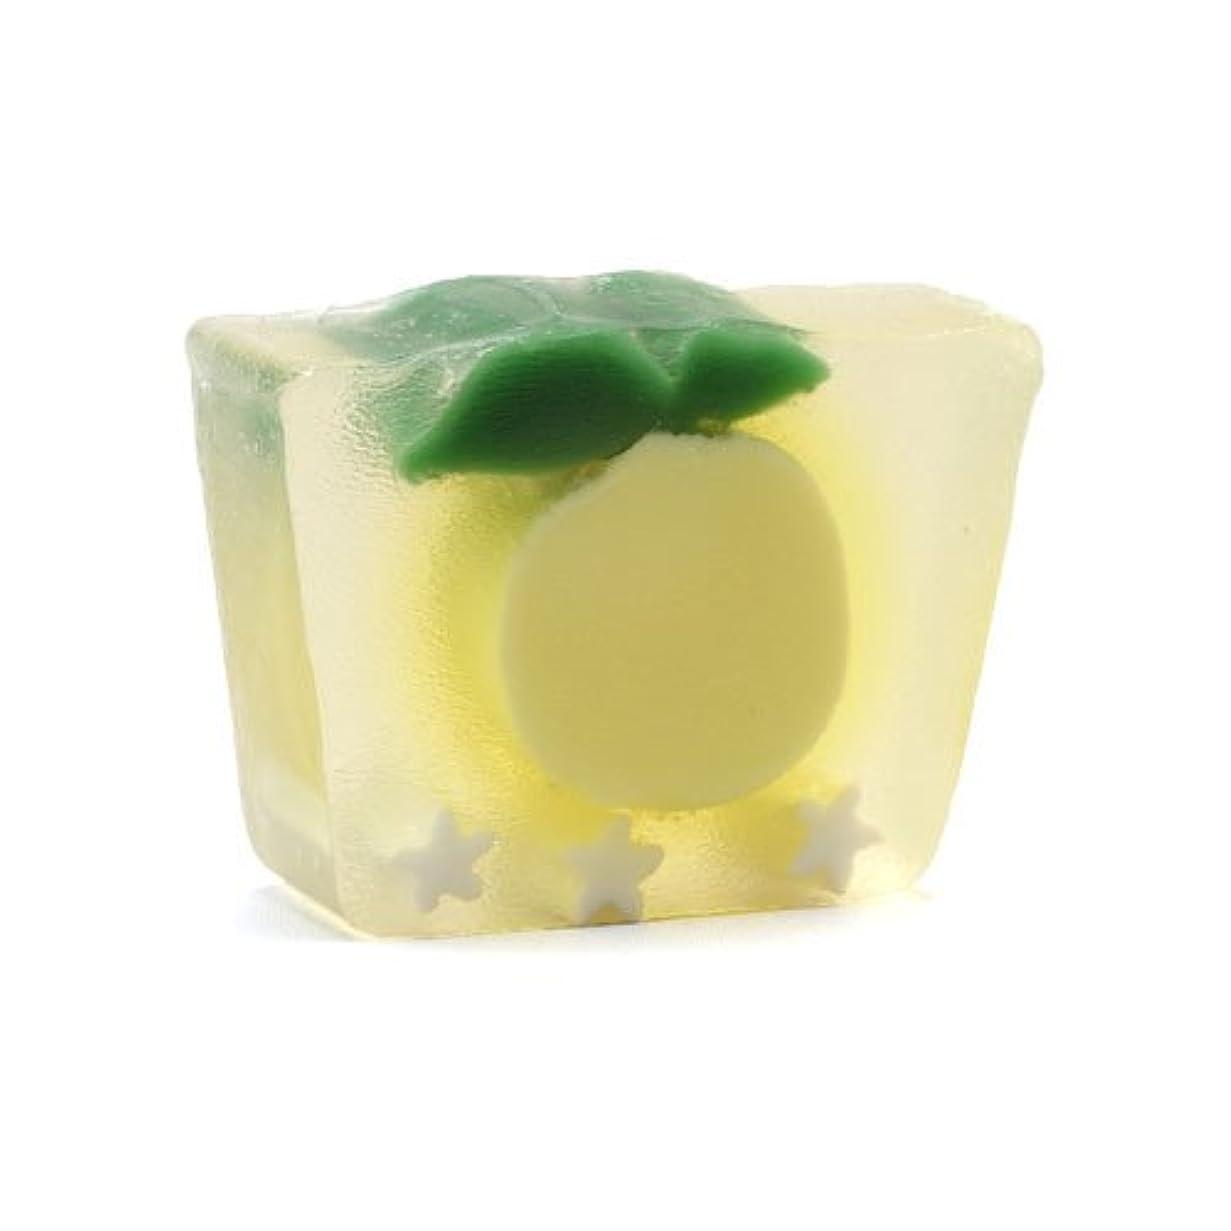 再集計交流する消防士プライモールエレメンツ アロマティック ミニソープ カリフォルニアレモン 80g 植物性 ナチュラル 石鹸 無添加